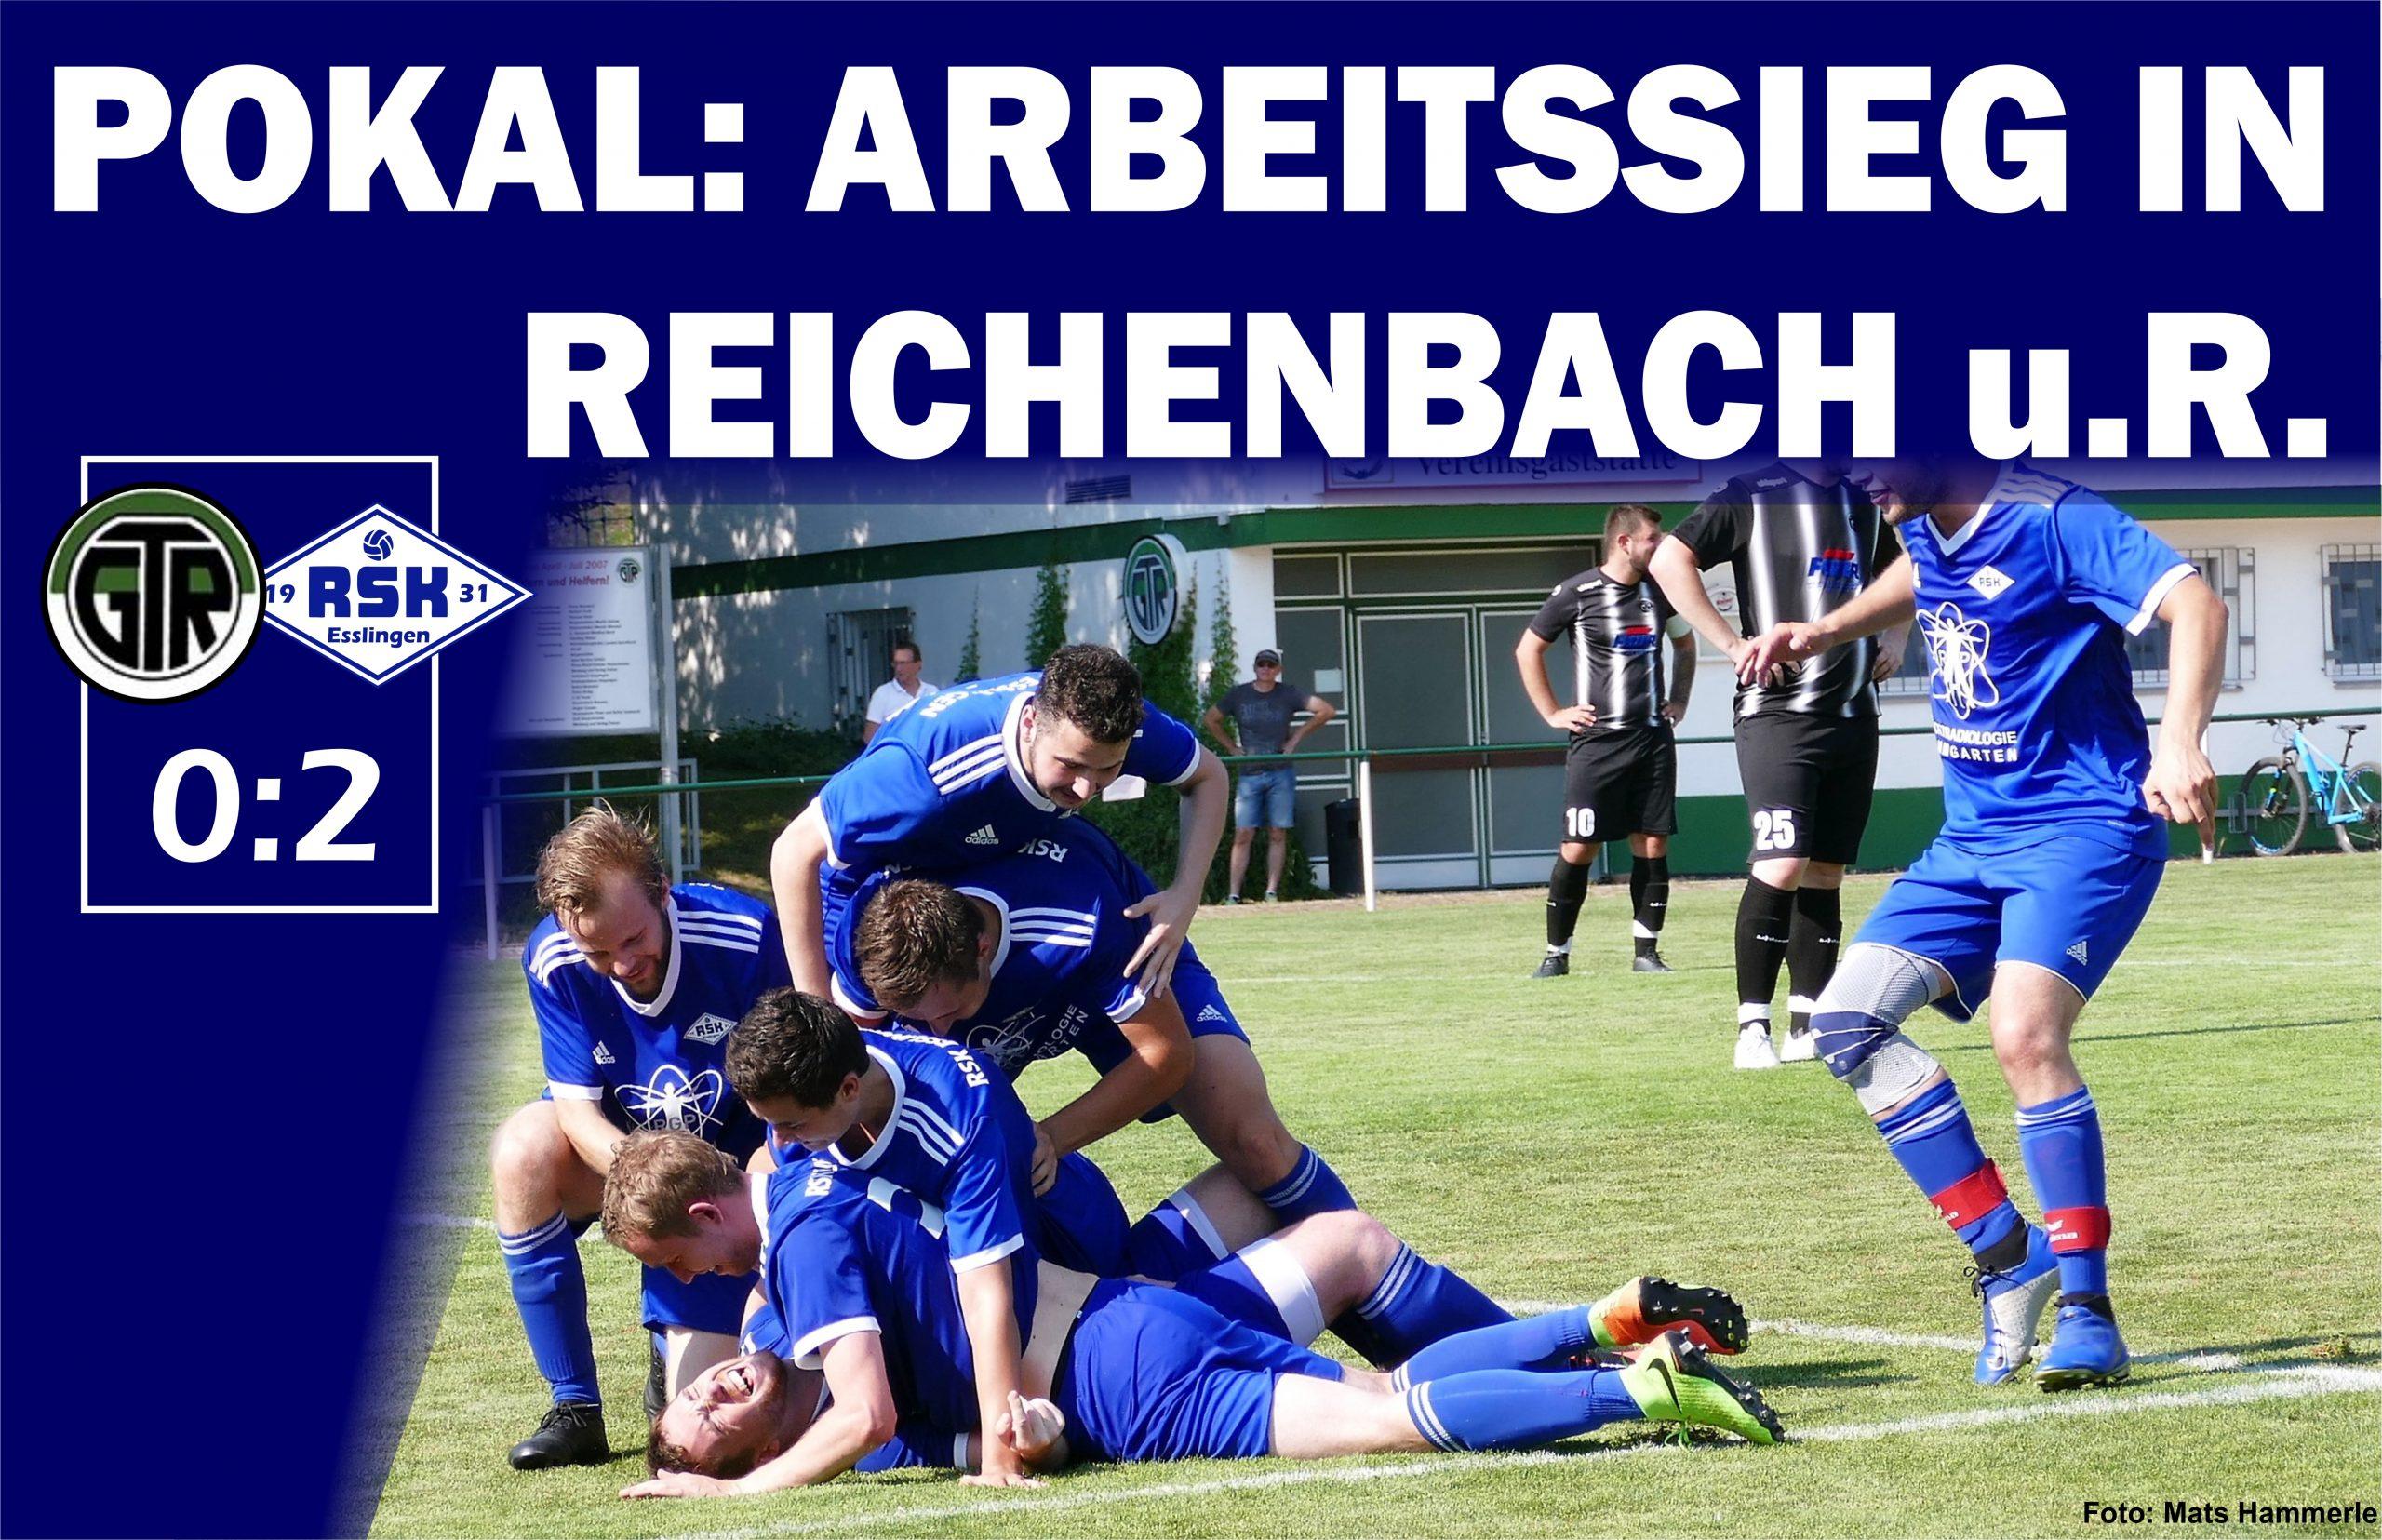 Pokalspiel Erste gegen Reichenbach